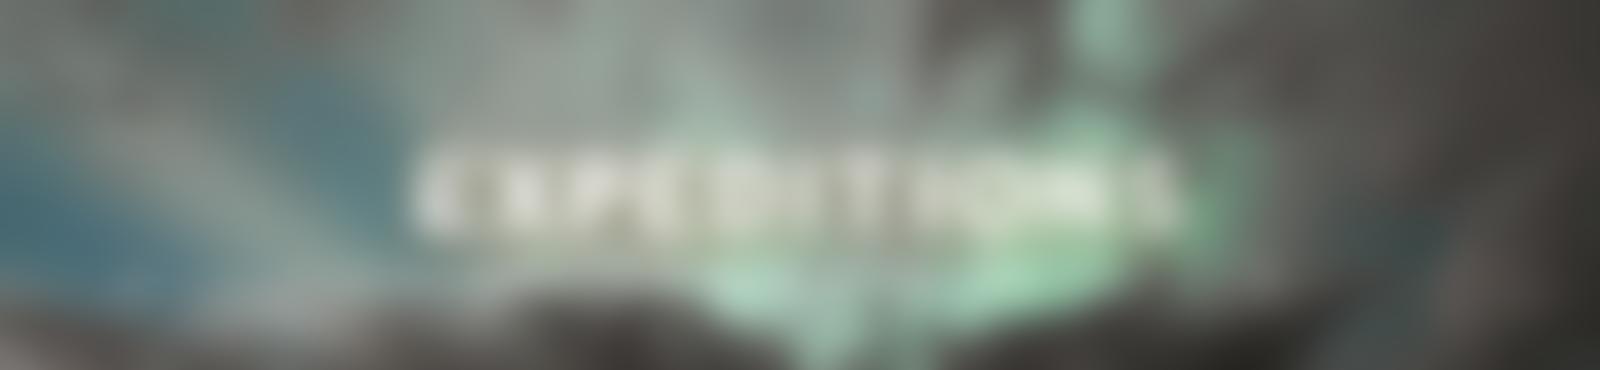 Blurred 27233fa7 59f8 4dcf 9e50 35af9c1c42b1